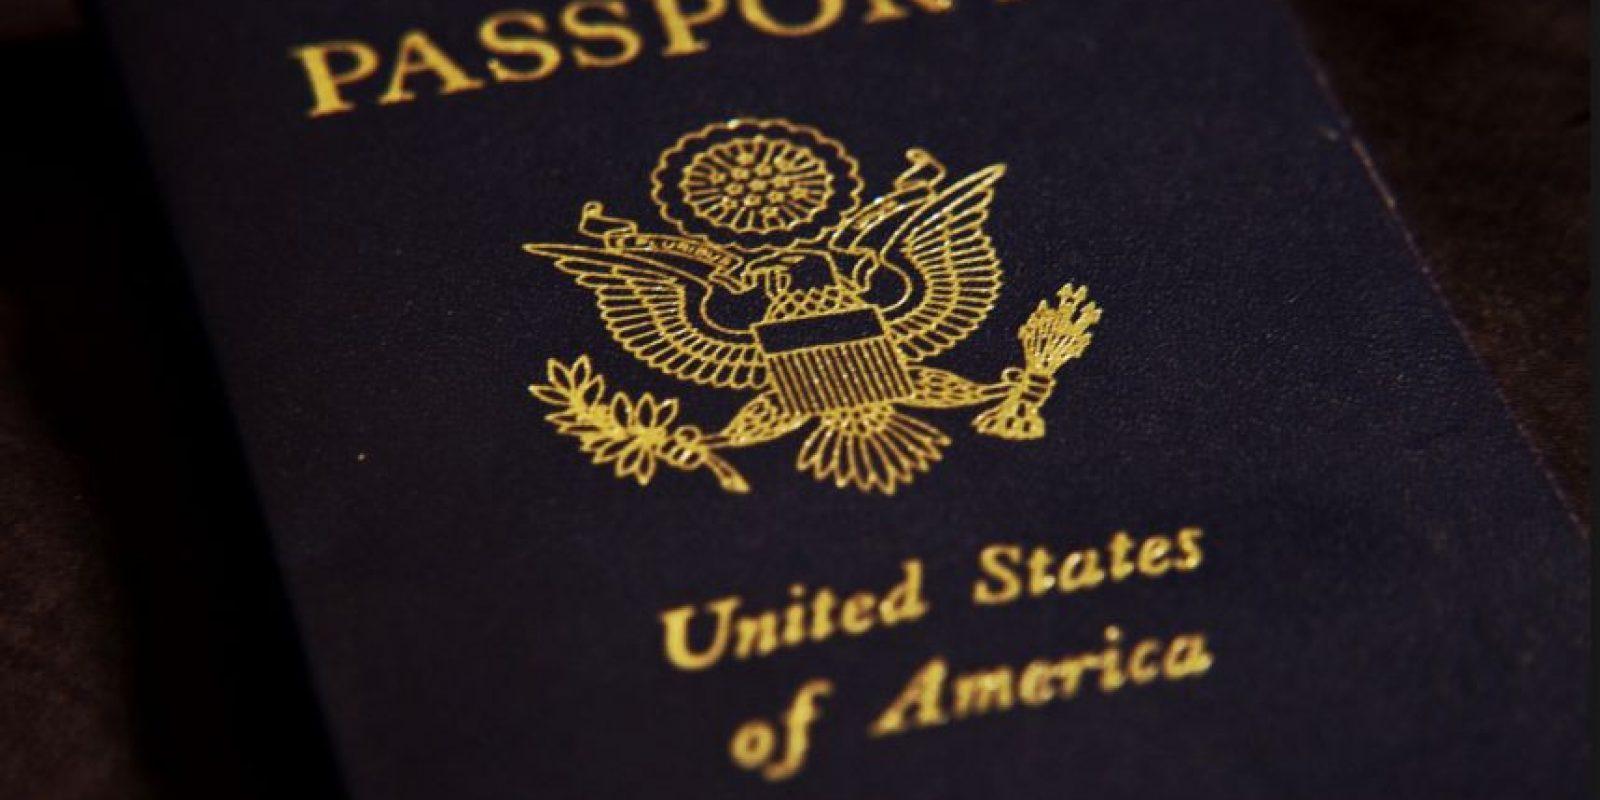 El estado se ha negado debido a que los padres no presentan un documento de identificación legal. Foto:Vía flickr.com